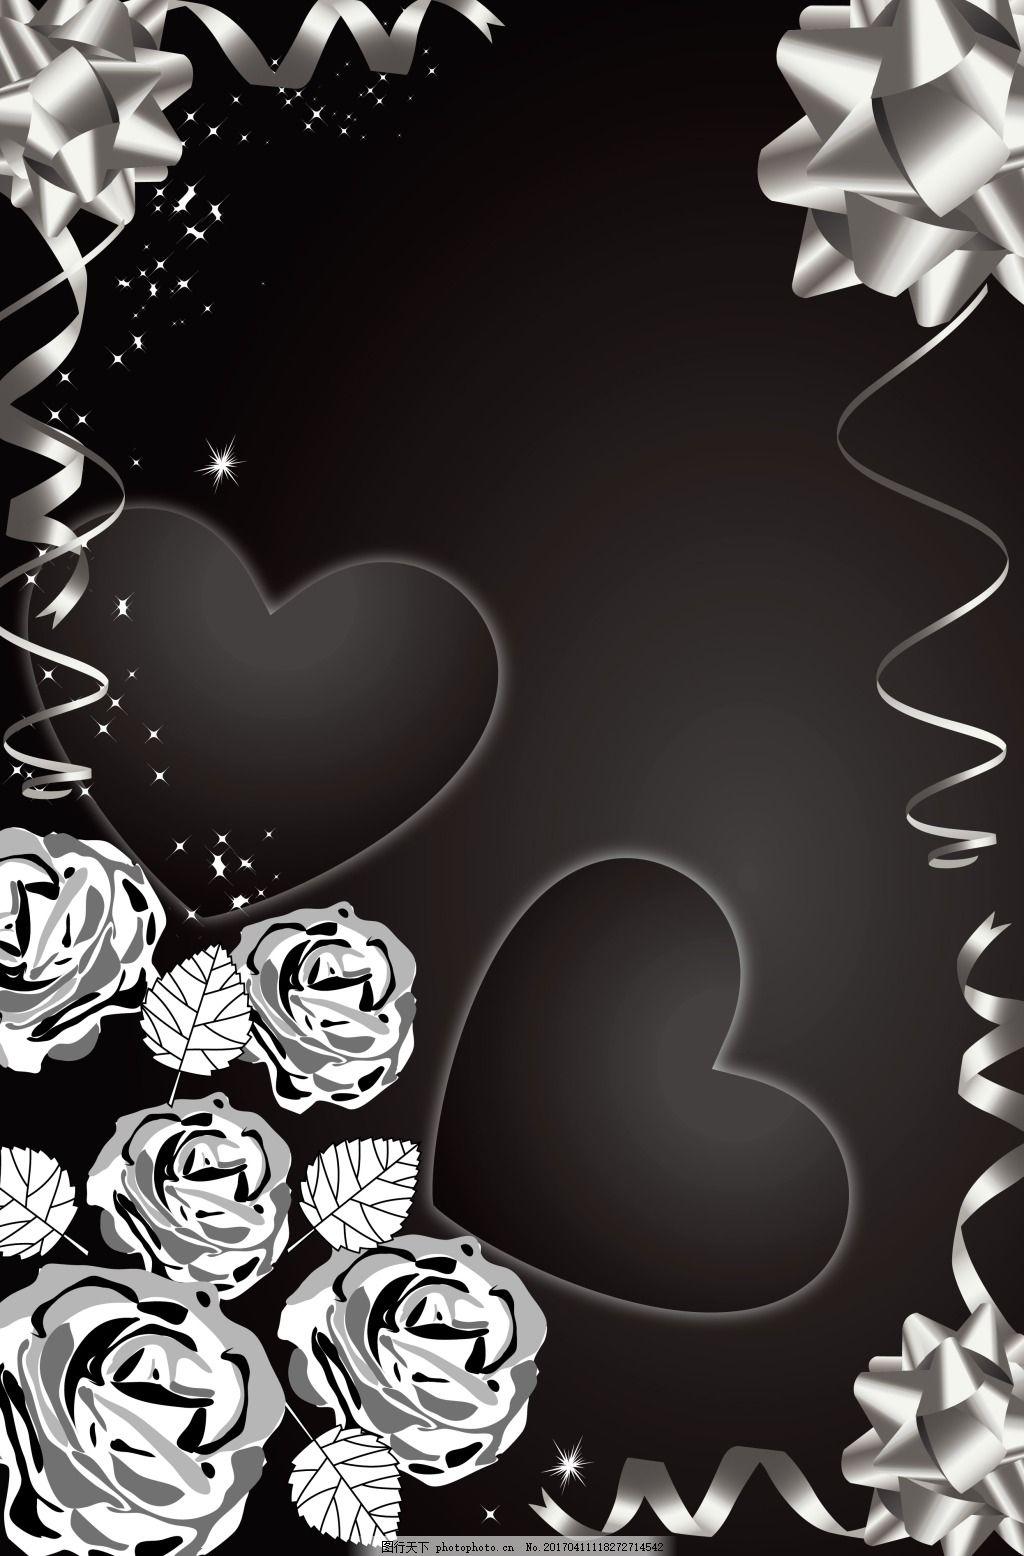 手绘花朵黑底背景